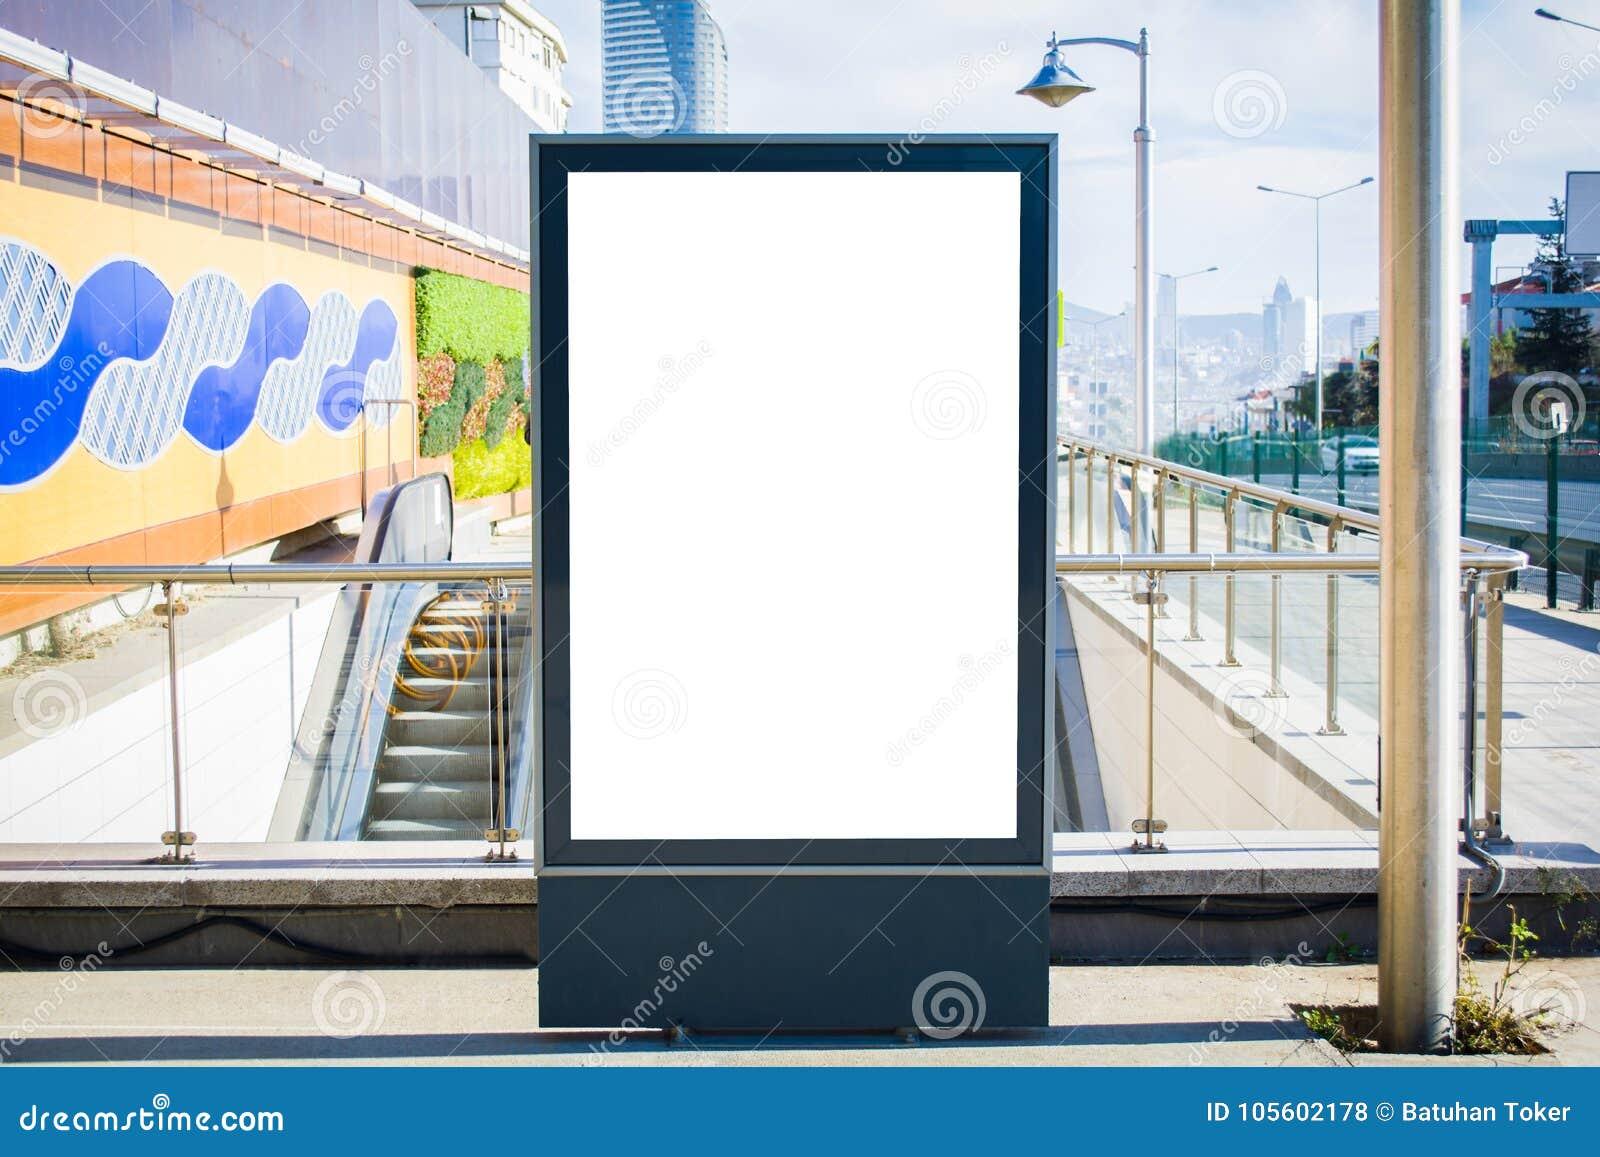 Αγγελία υπογείων στα κενά πλήθη Κωνσταντινούπολη πινάκων διαφημίσεων σταθμών Γουώλ Στρητ